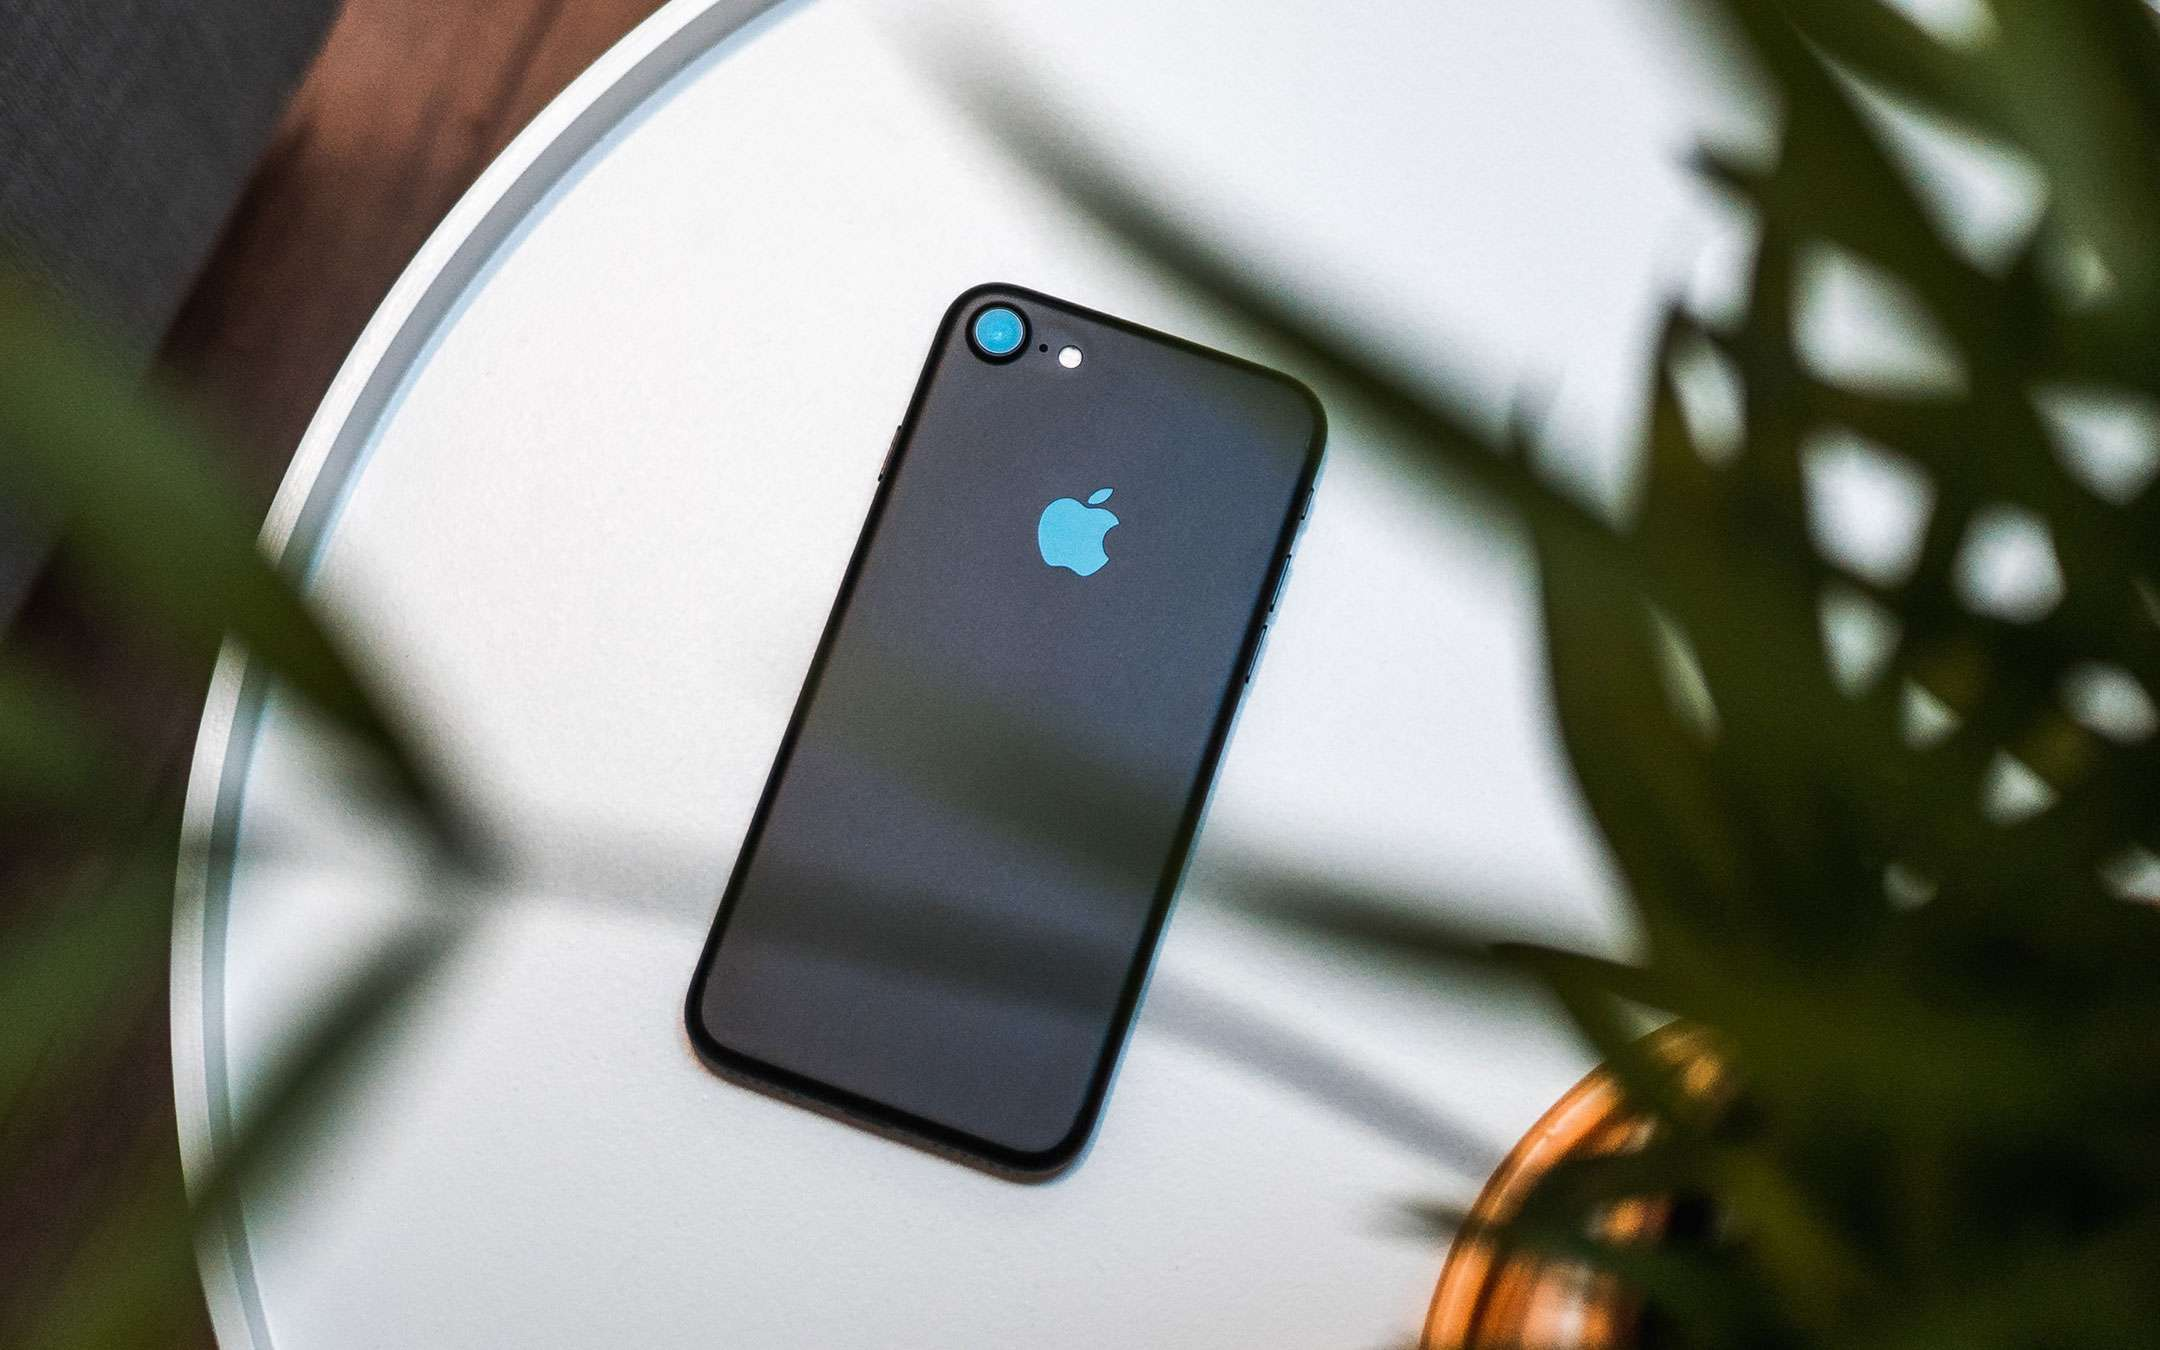 iPhone 7 ricondizionato con garanzia: 199€ su eBay